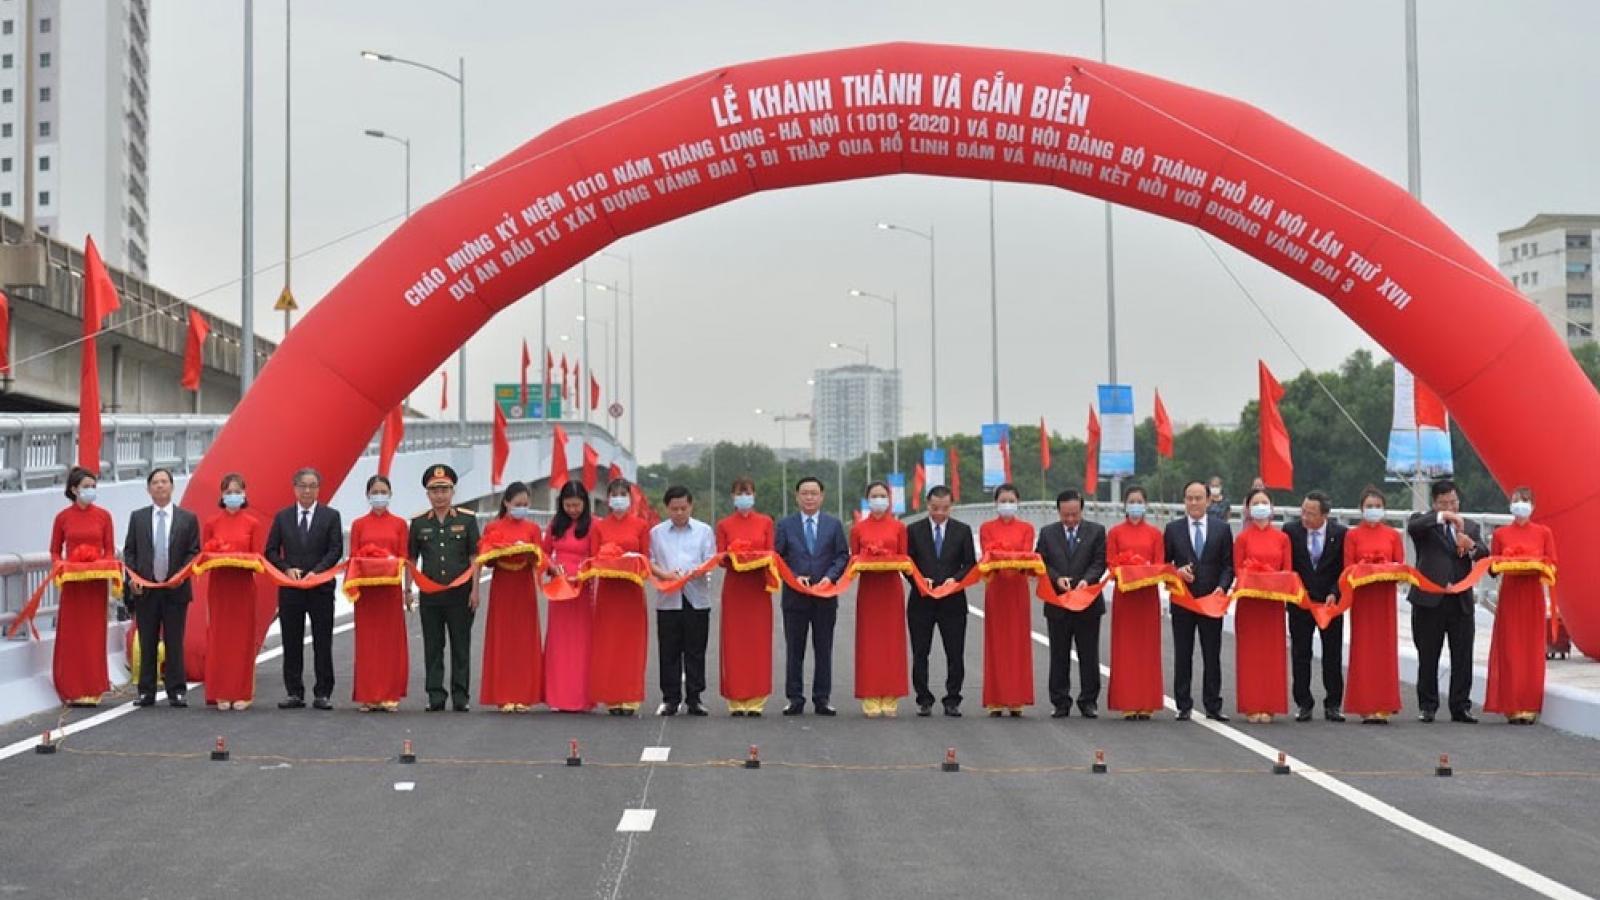 Hà Nội khánh thành đường vành đai 3 qua hồ Linh Đàm